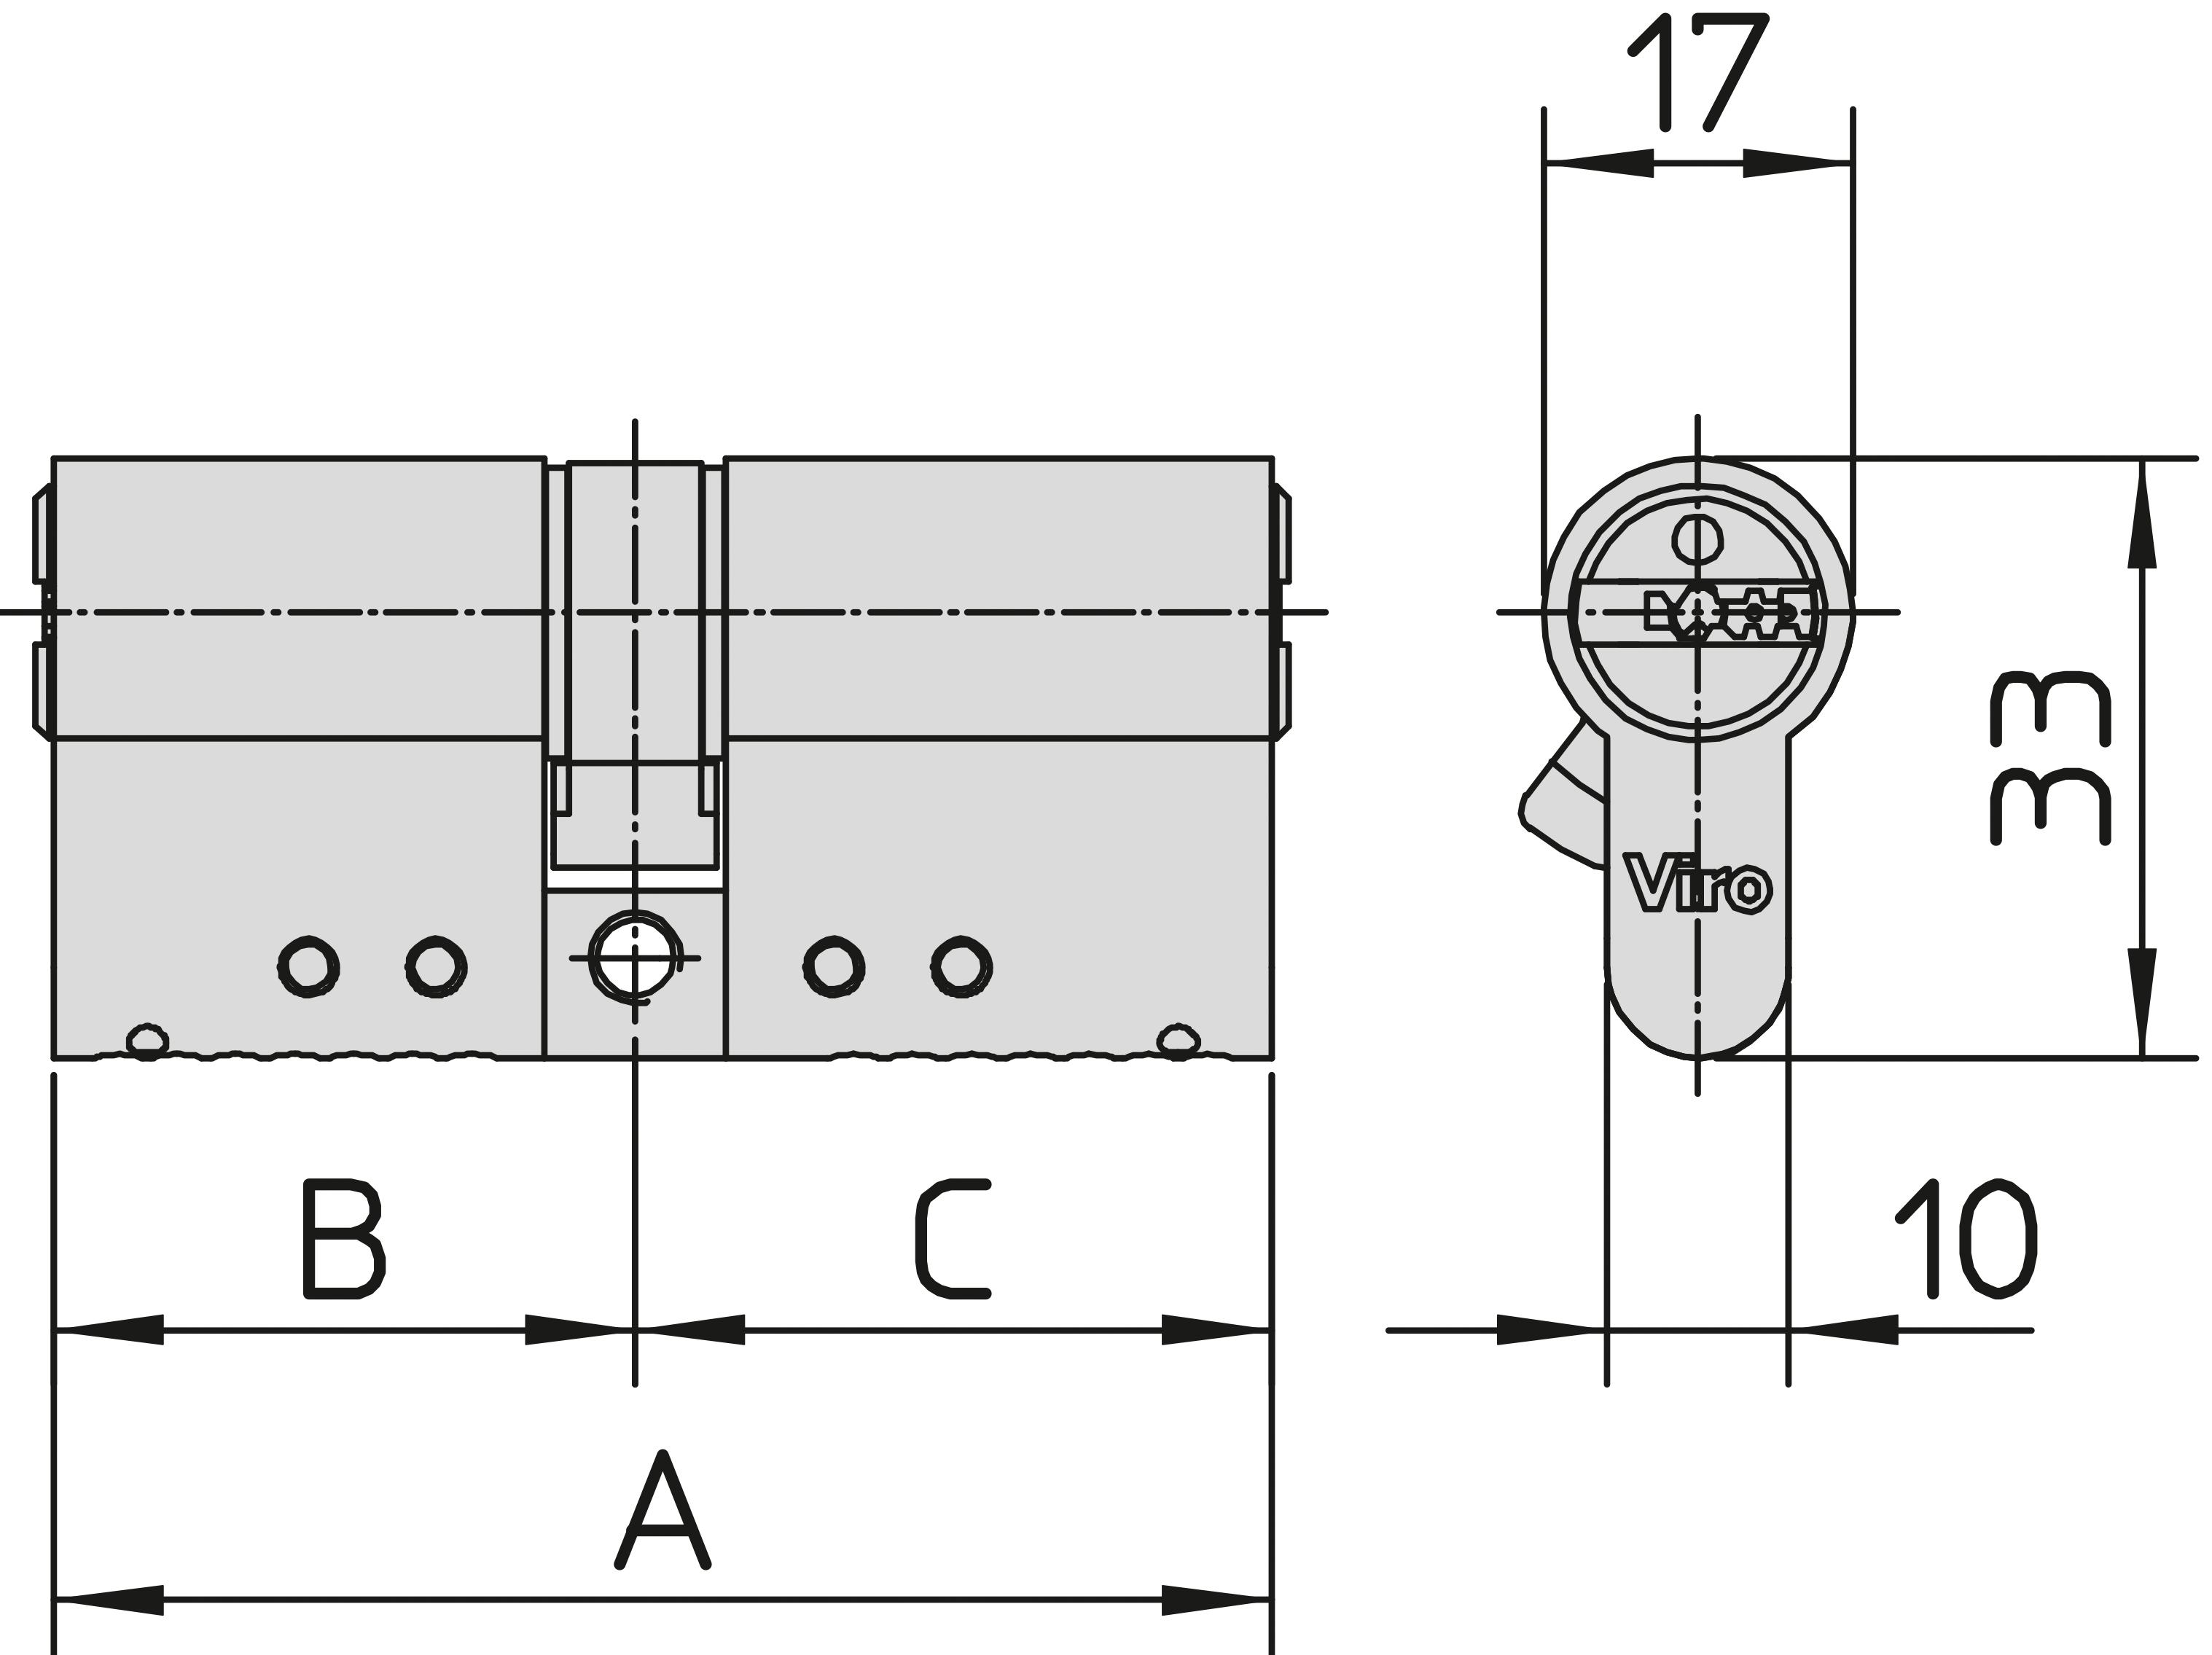 Viro 835.32.32.09 Cilindro Europeo da infilare di sicurezza Palladium certificato UNI EN 1303